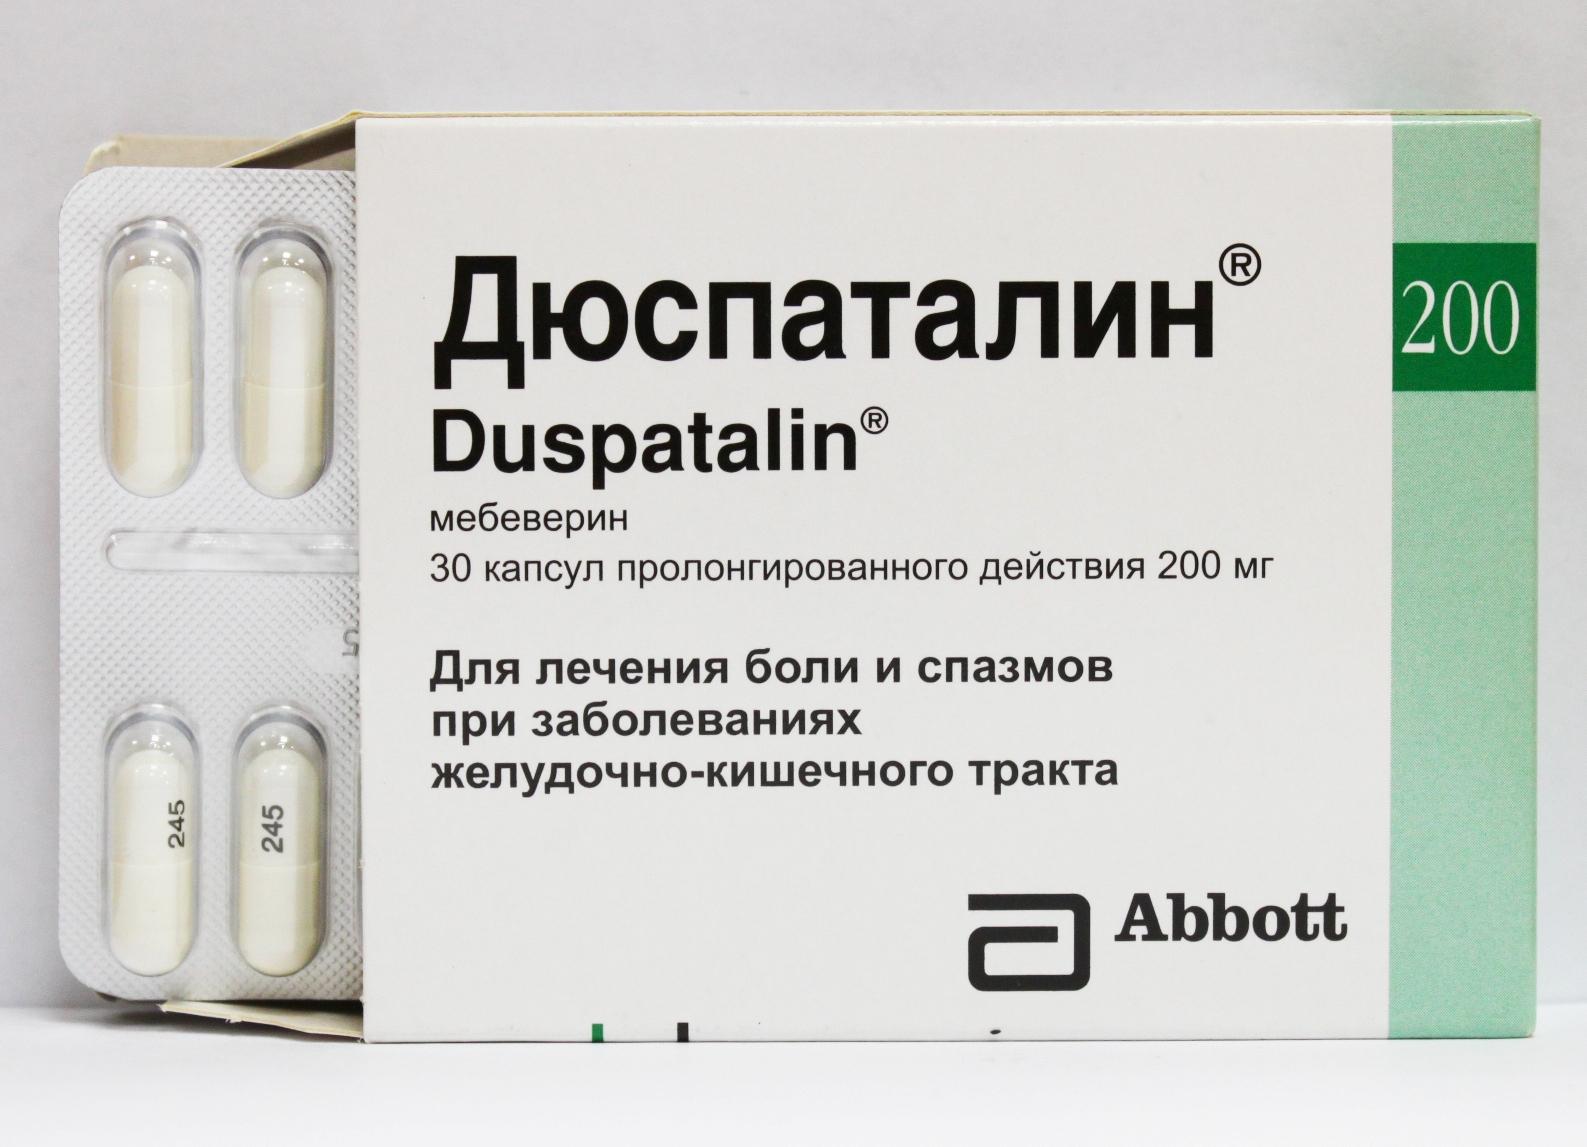 Для подавления выработки соляной кислоты используют Дюспаталин